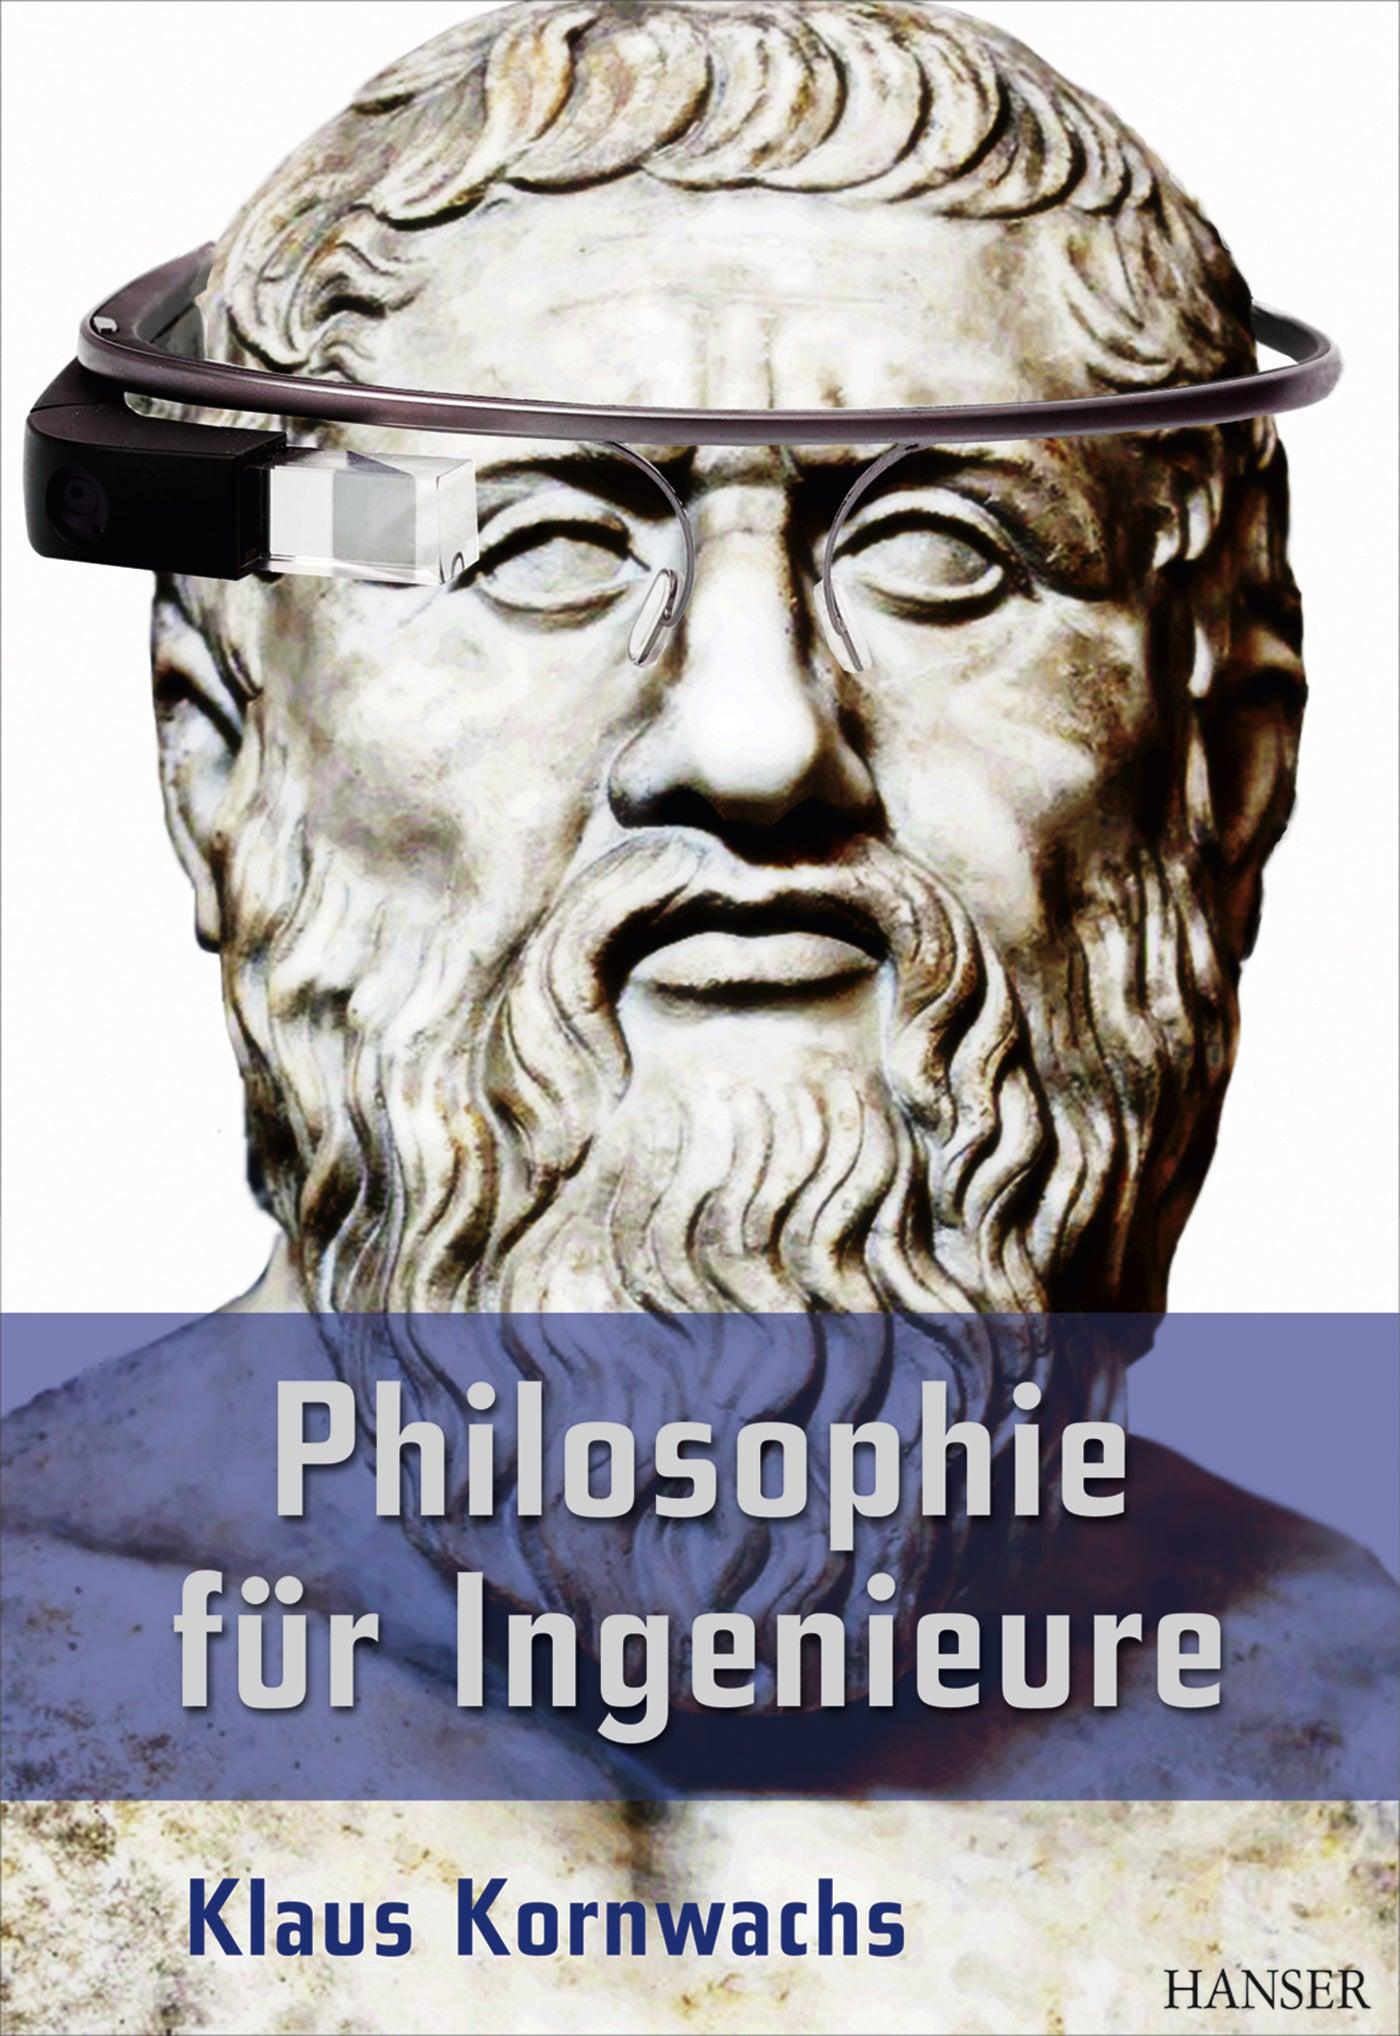 Philosphie für Ingenieure